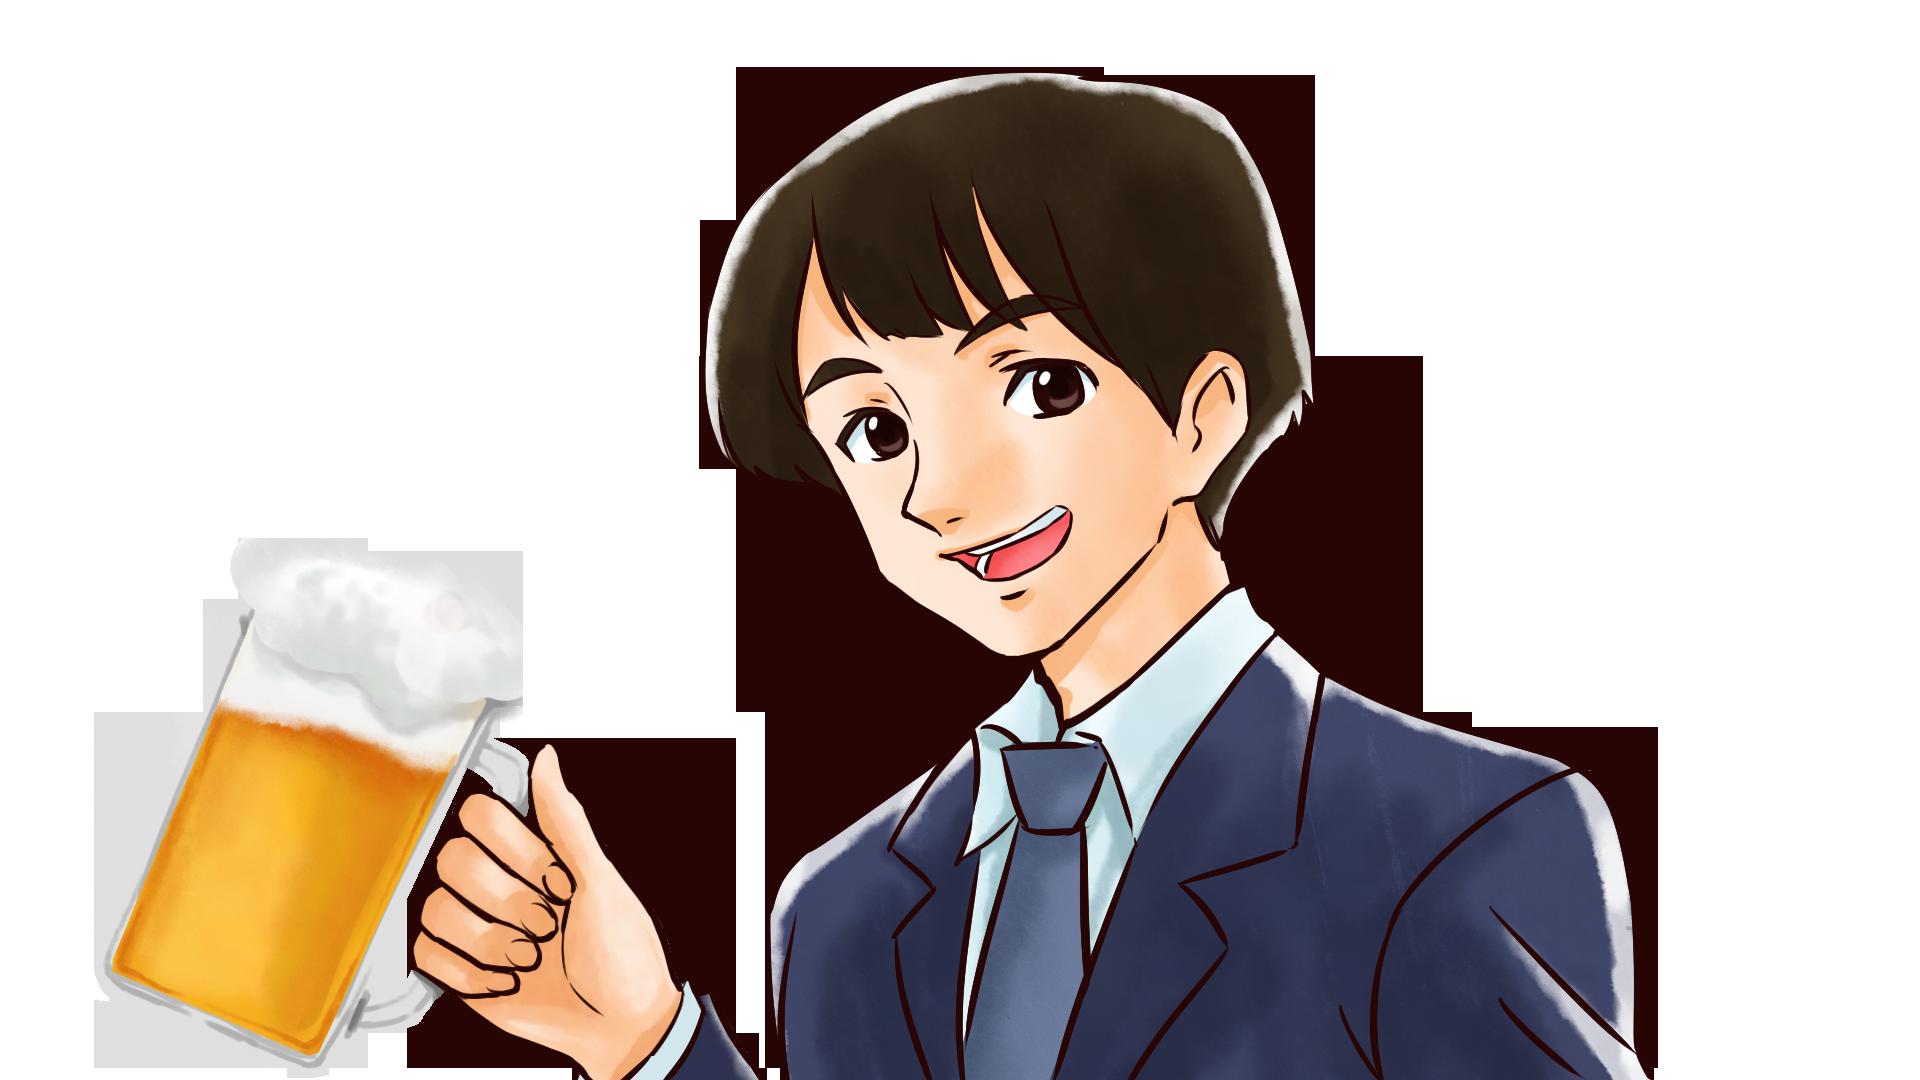 田中のフリーイラスト画像素材【商用無料】 | アイキャッチャー